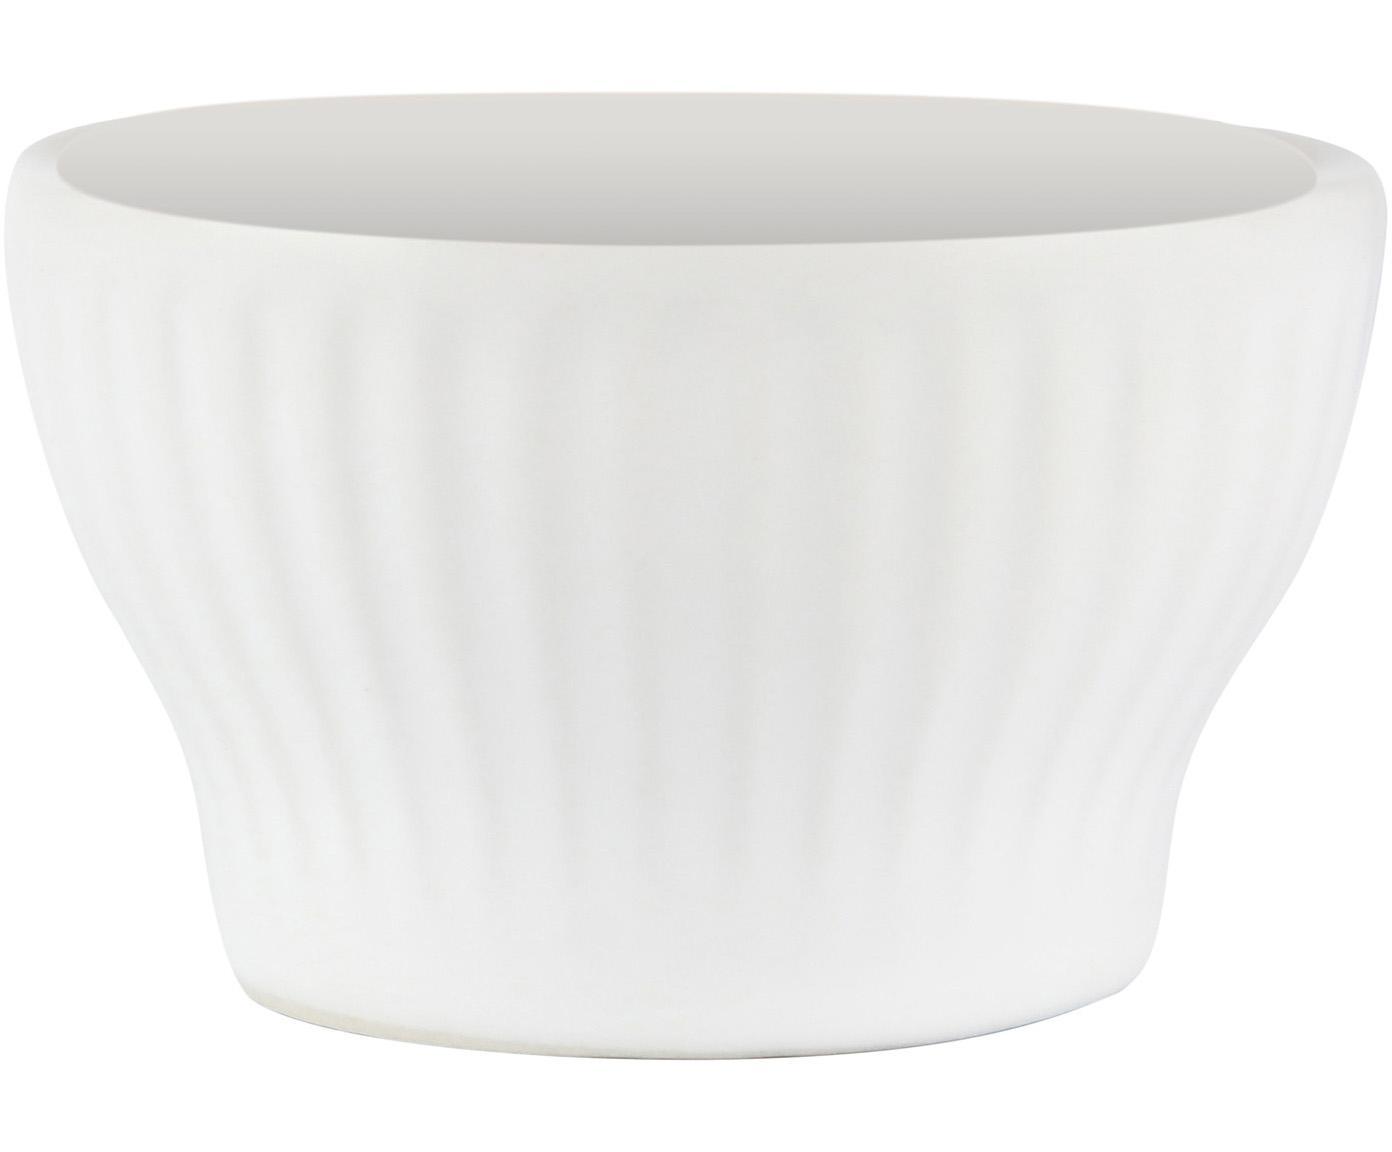 Weiße Eierbecher Groove mit Rillenstruktur, 4 Stück, Steingut, Weiß, Ø 8 x H 5 cm